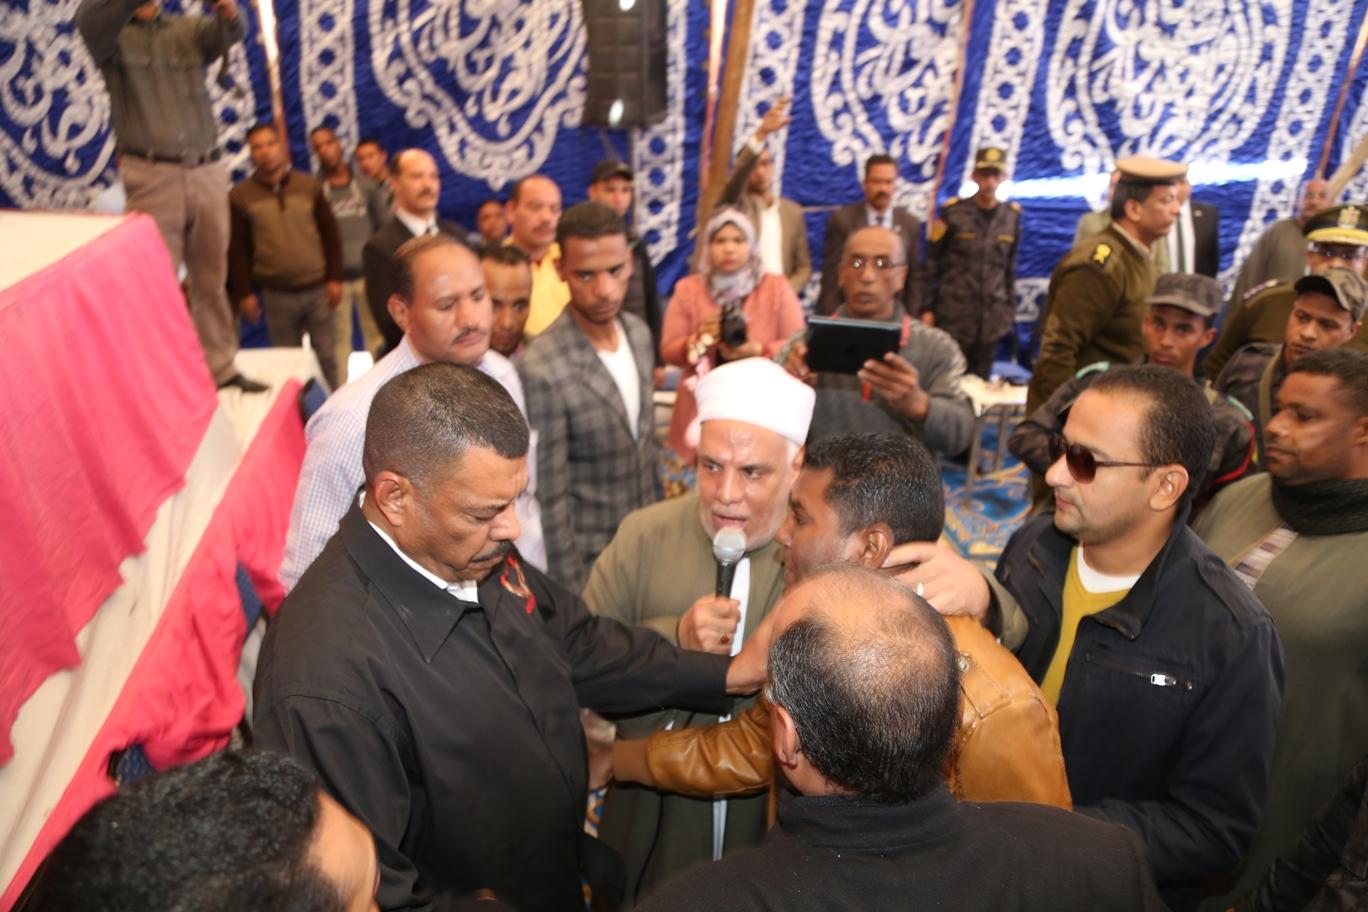 جلسة صلح قودة بين عائلتين بقنا (4)